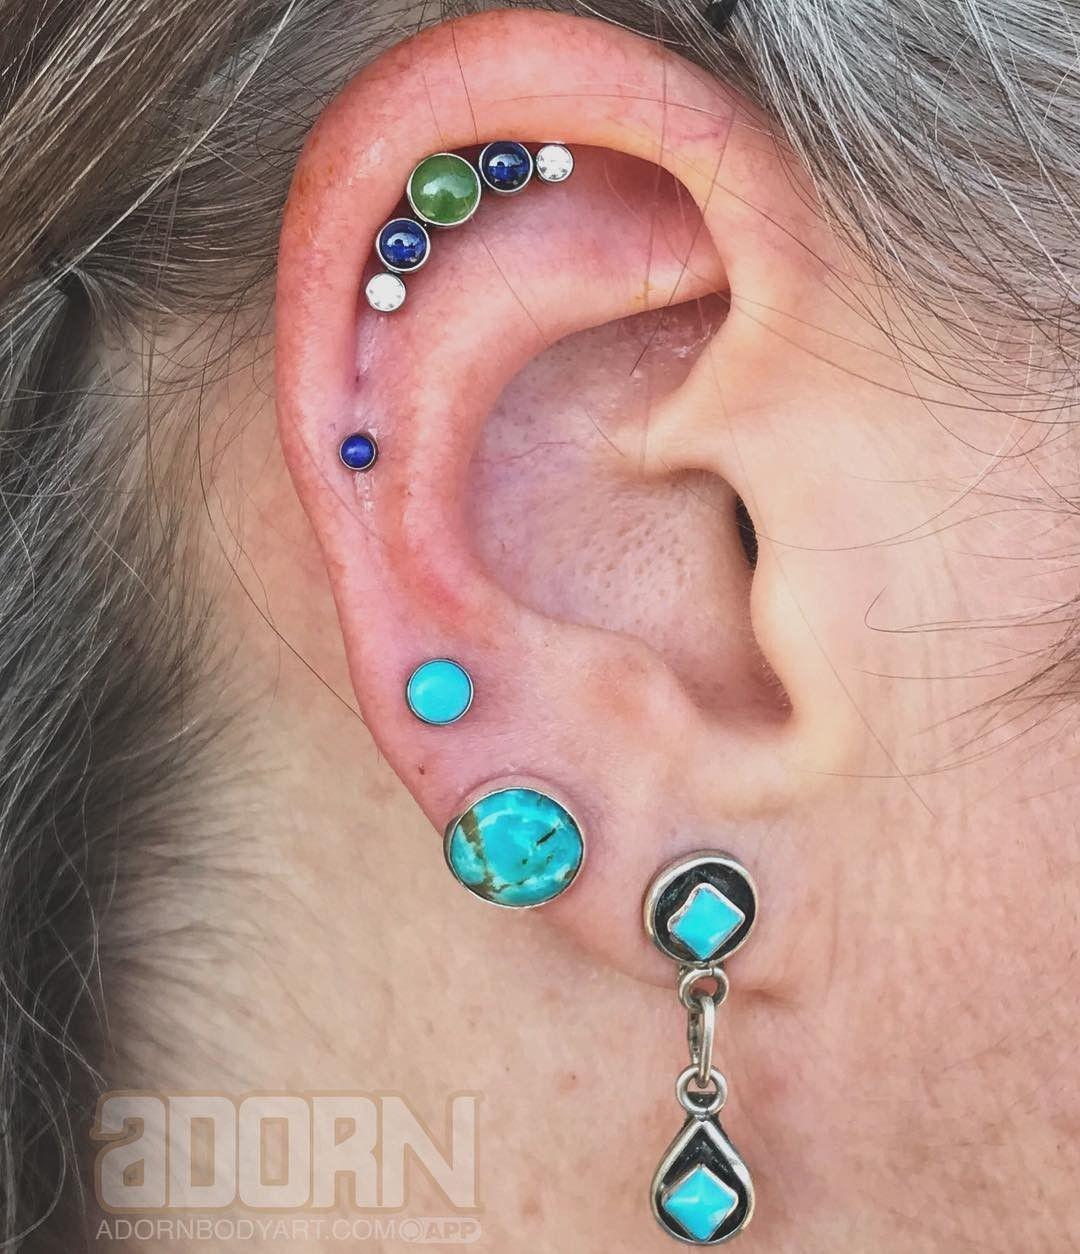 Body piercing pain chart  Helix By Emily Rose Jewellery by Anatometal u Neometal Jewelry